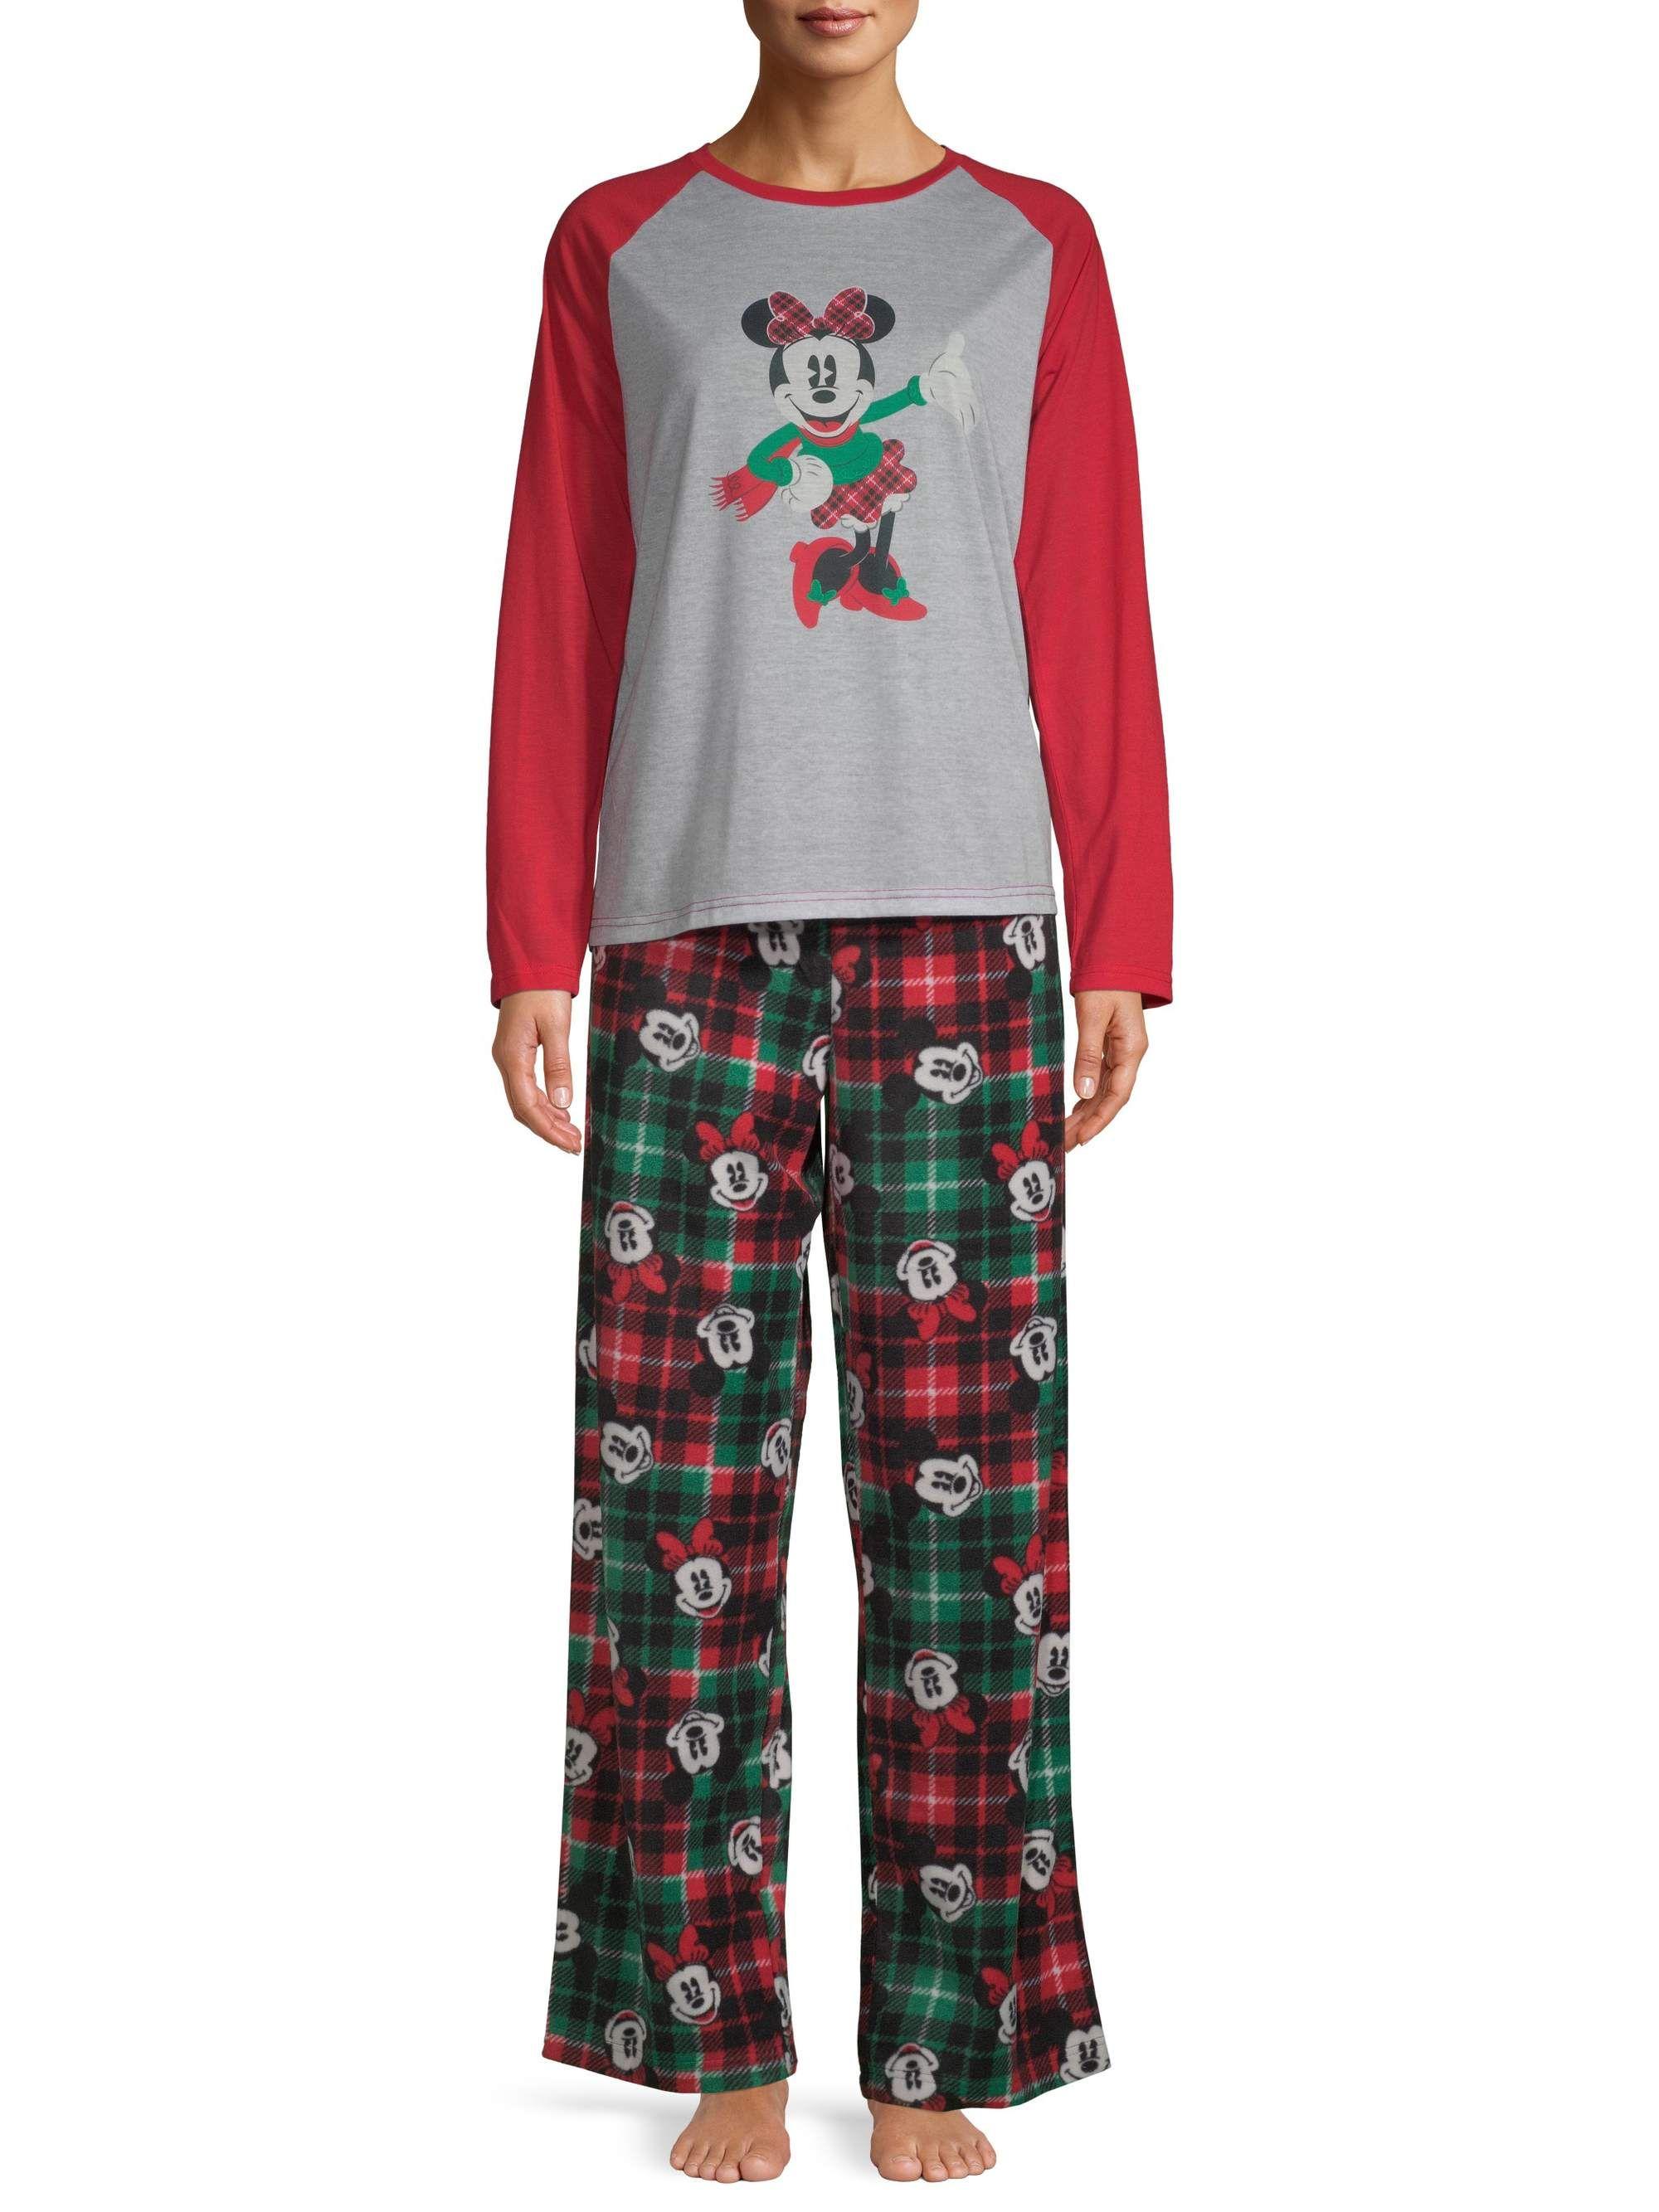 Disney Disney Matching Family Christmas Pajamas Women S And Women S Plus Size Walmart Com Pajamas Women Womens Christmas Pajamas Matching Family Christmas Pajamas